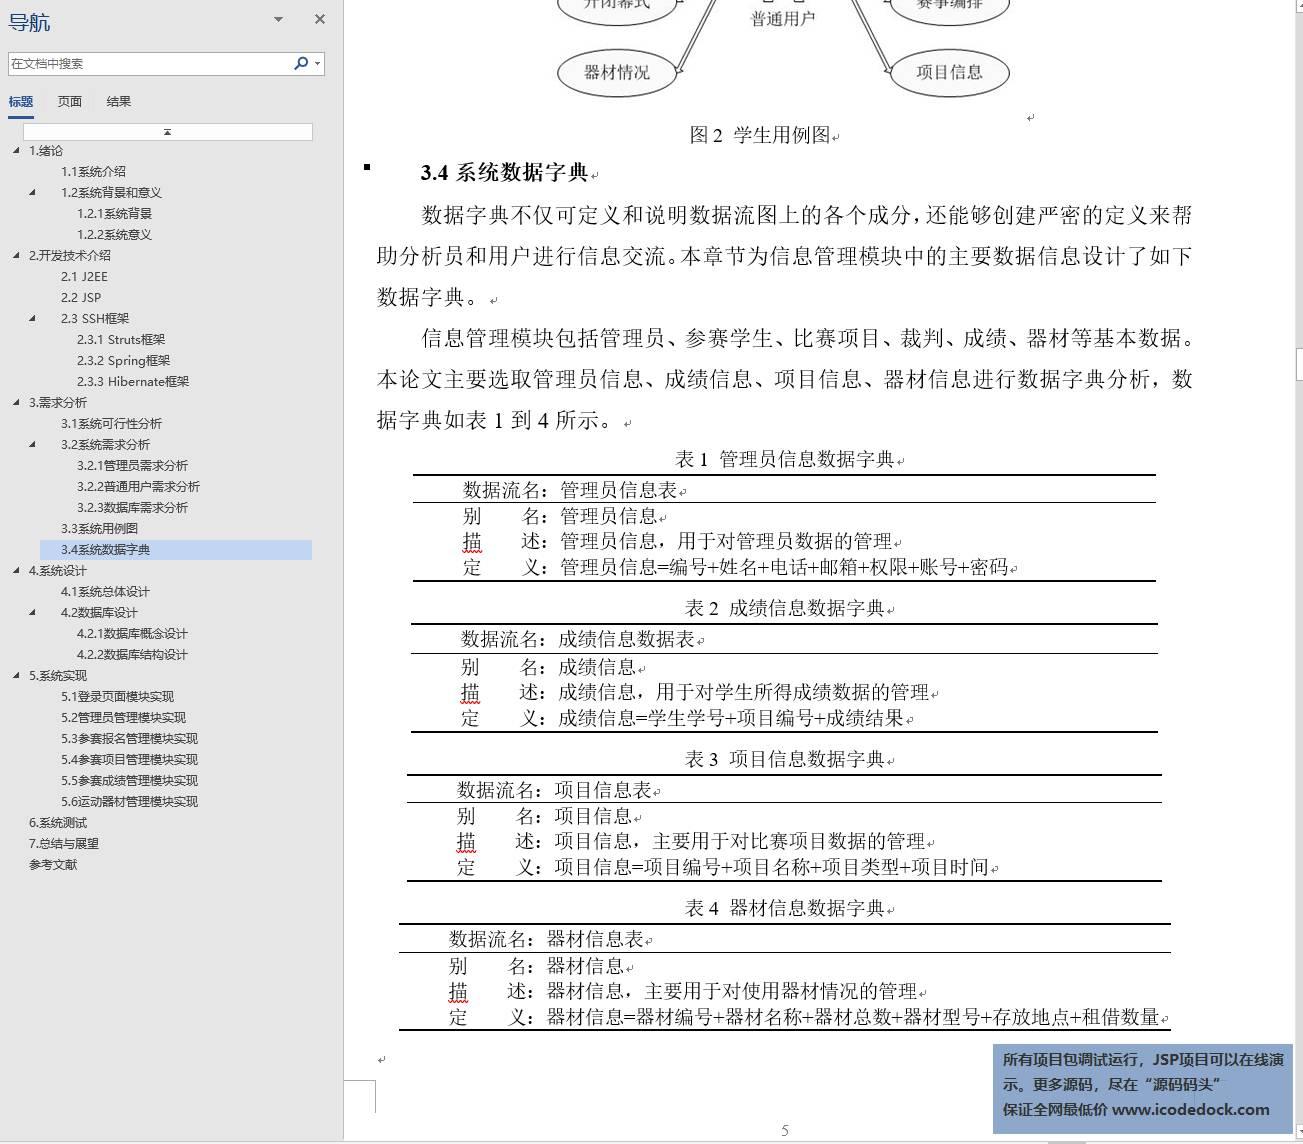 源码码头-SSH校园运动会管理系统-设计文稿-数据字典